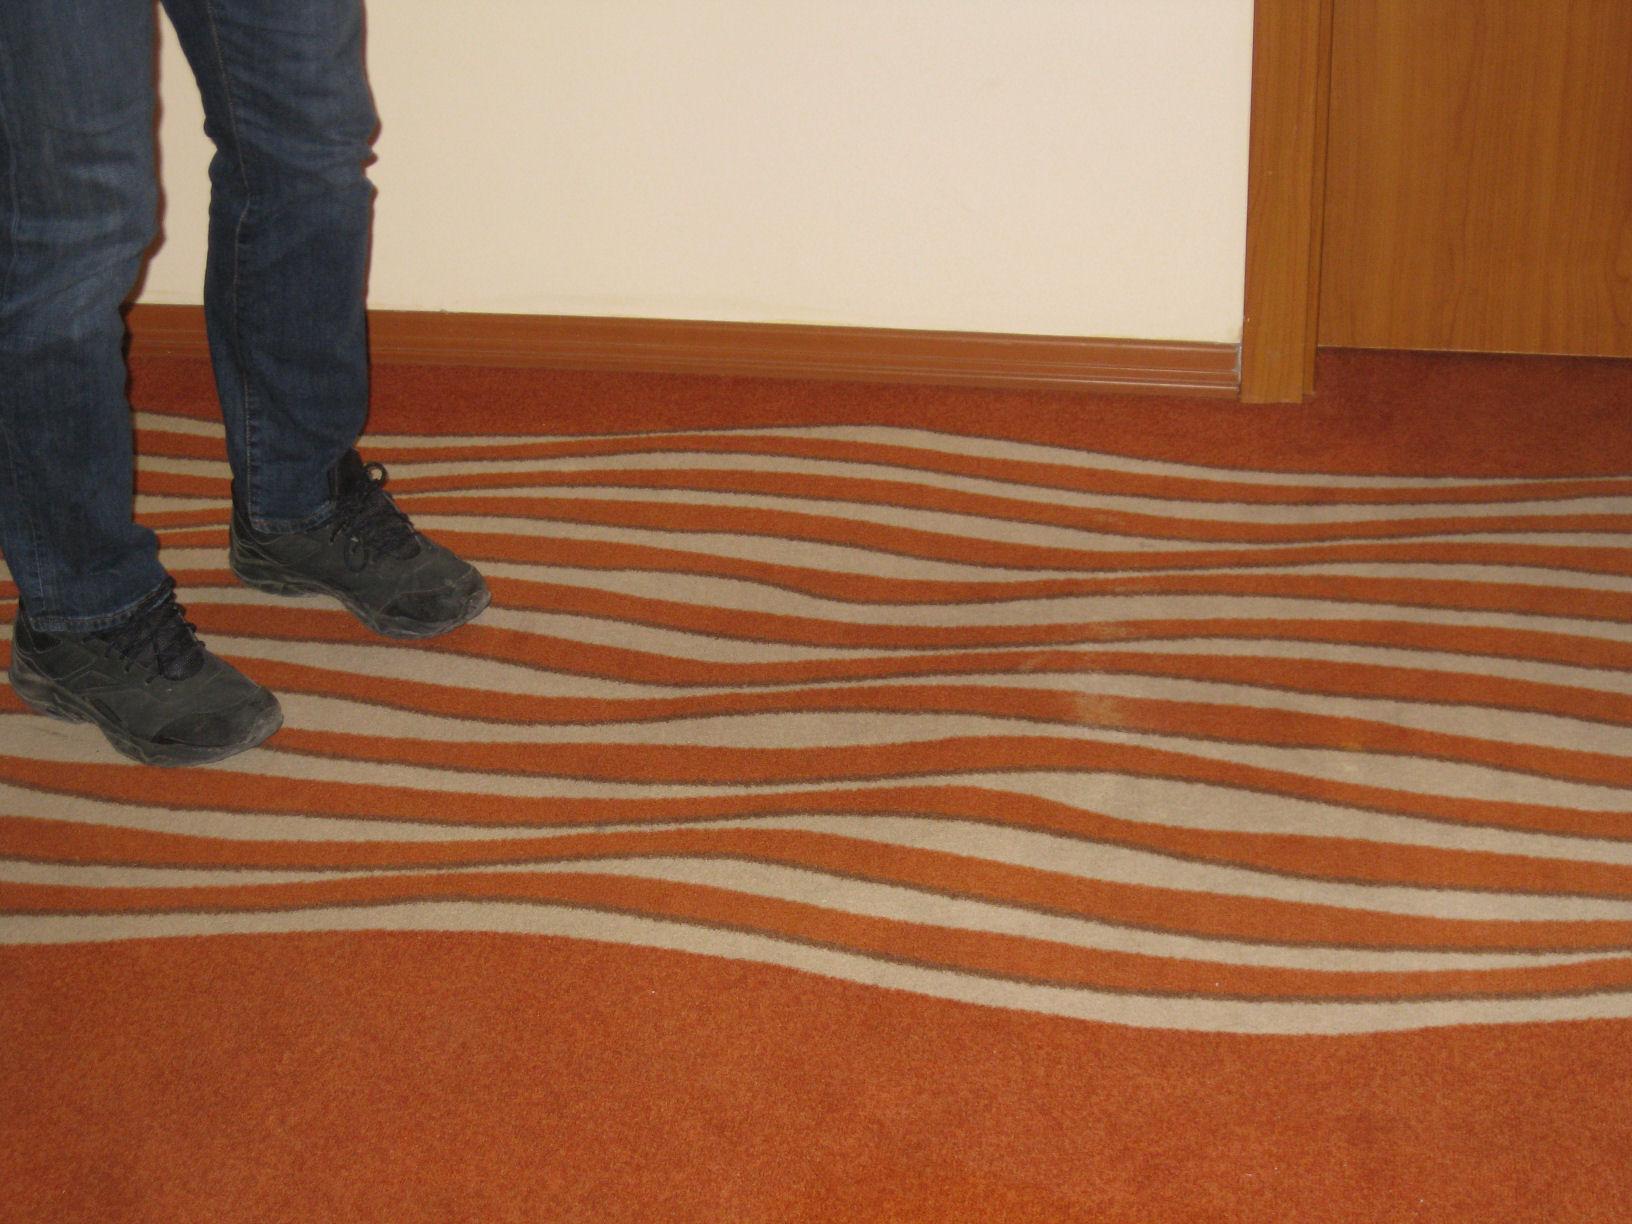 Crazy carpet optical illusion for Floor illusions